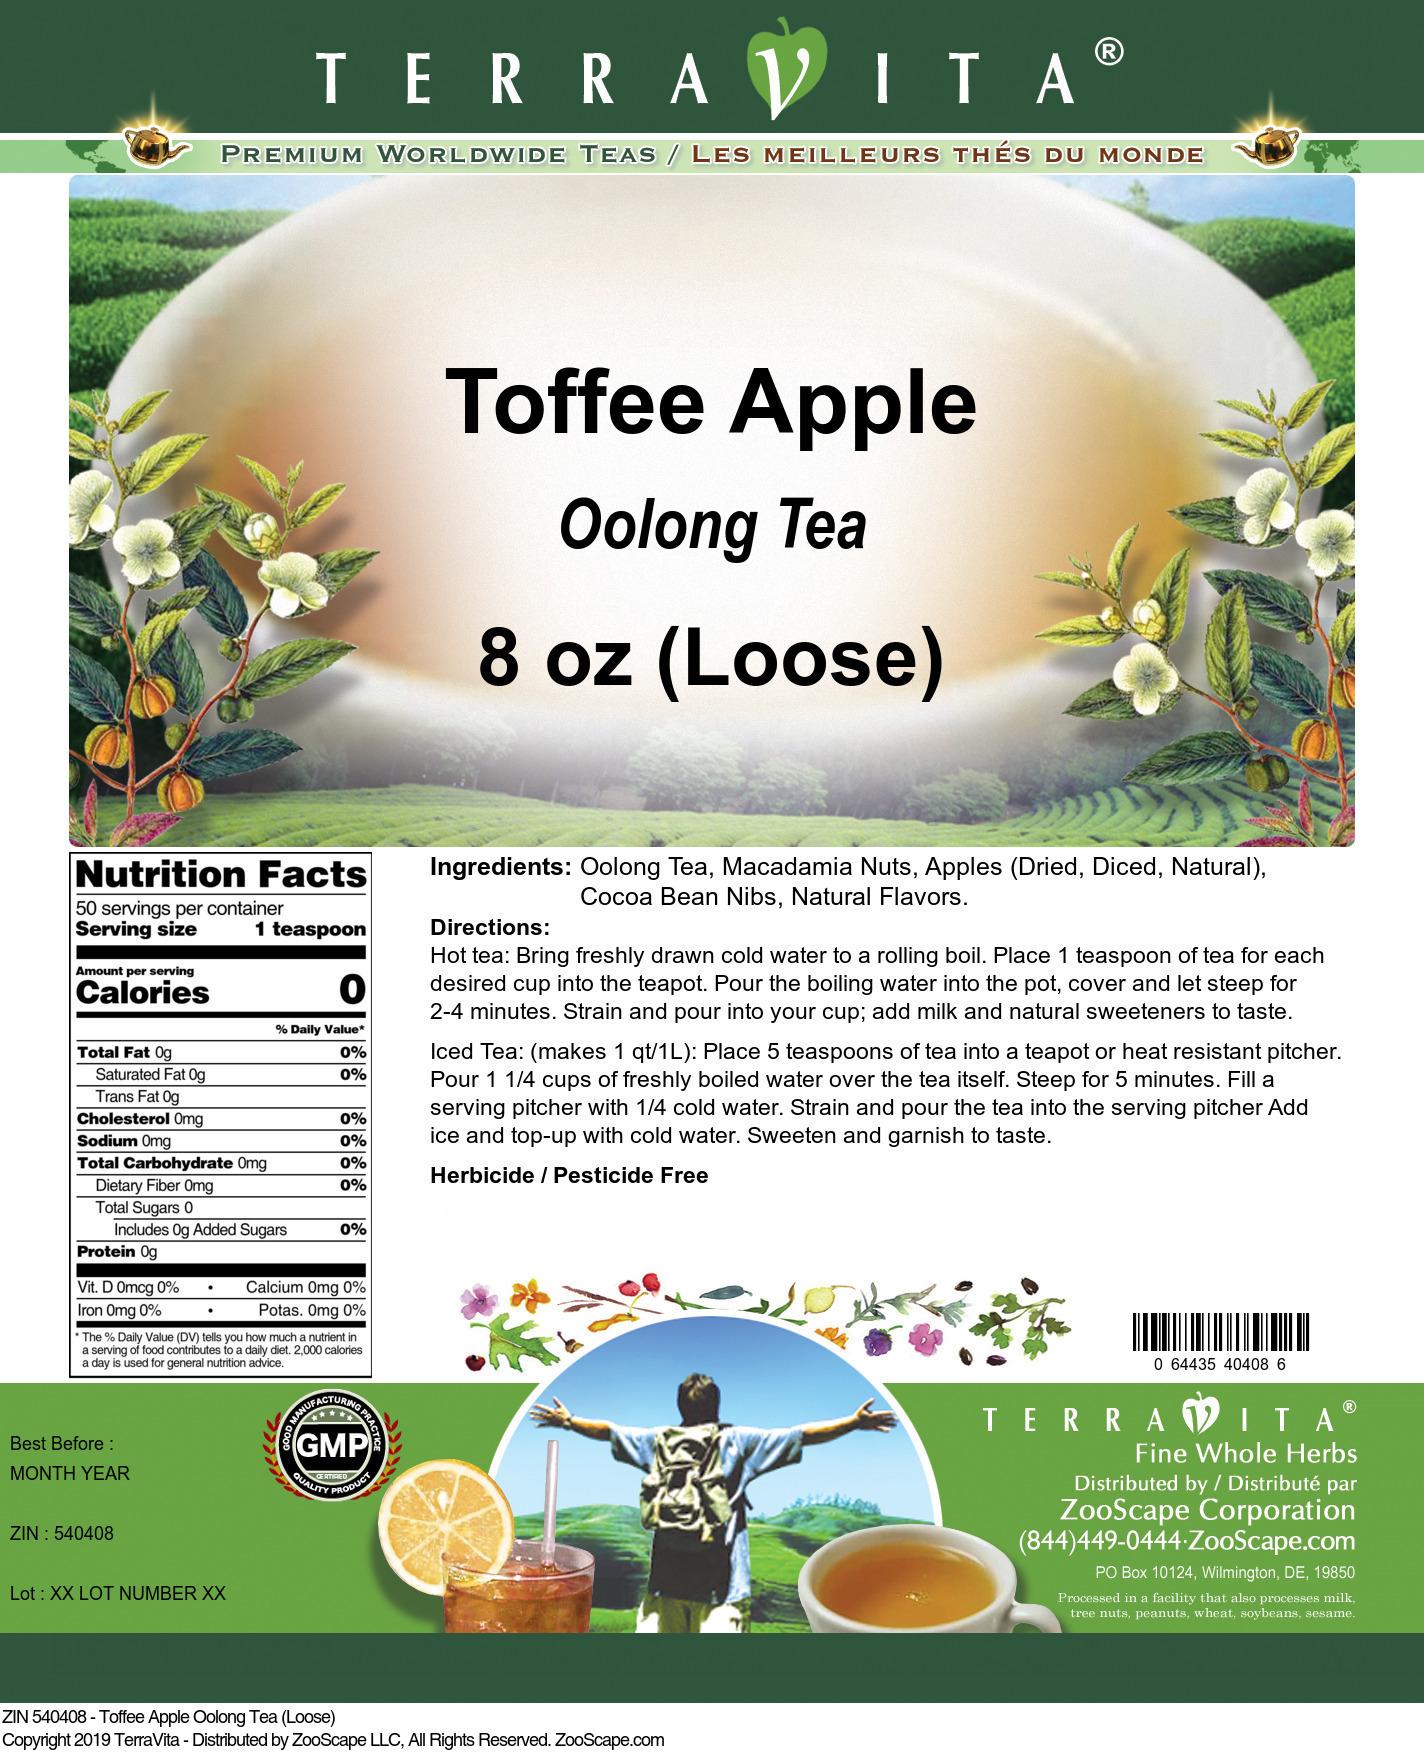 Toffee Apple Oolong Tea (Loose)